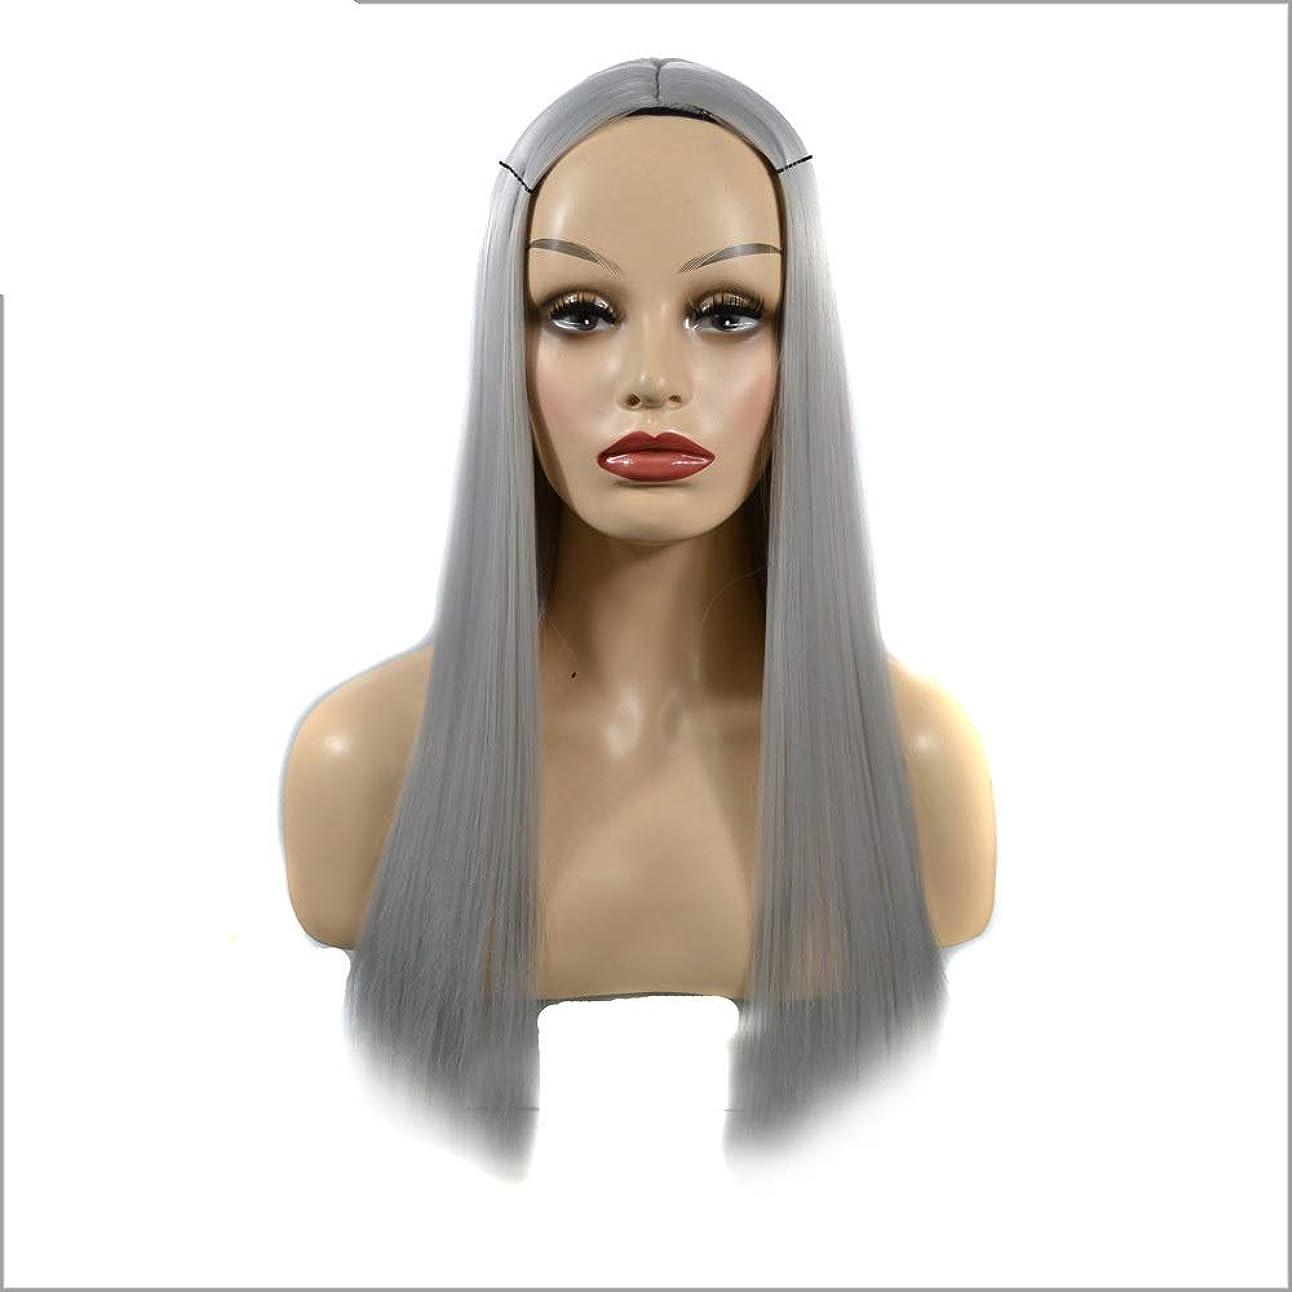 殺しますにじみ出る手YESONEEP オンブルシルバーグレーウィッグロングストレート合成かつら女性用耐熱フルウィッグパーティーウィッグ (Color : Silver Grey, サイズ : 60cm)